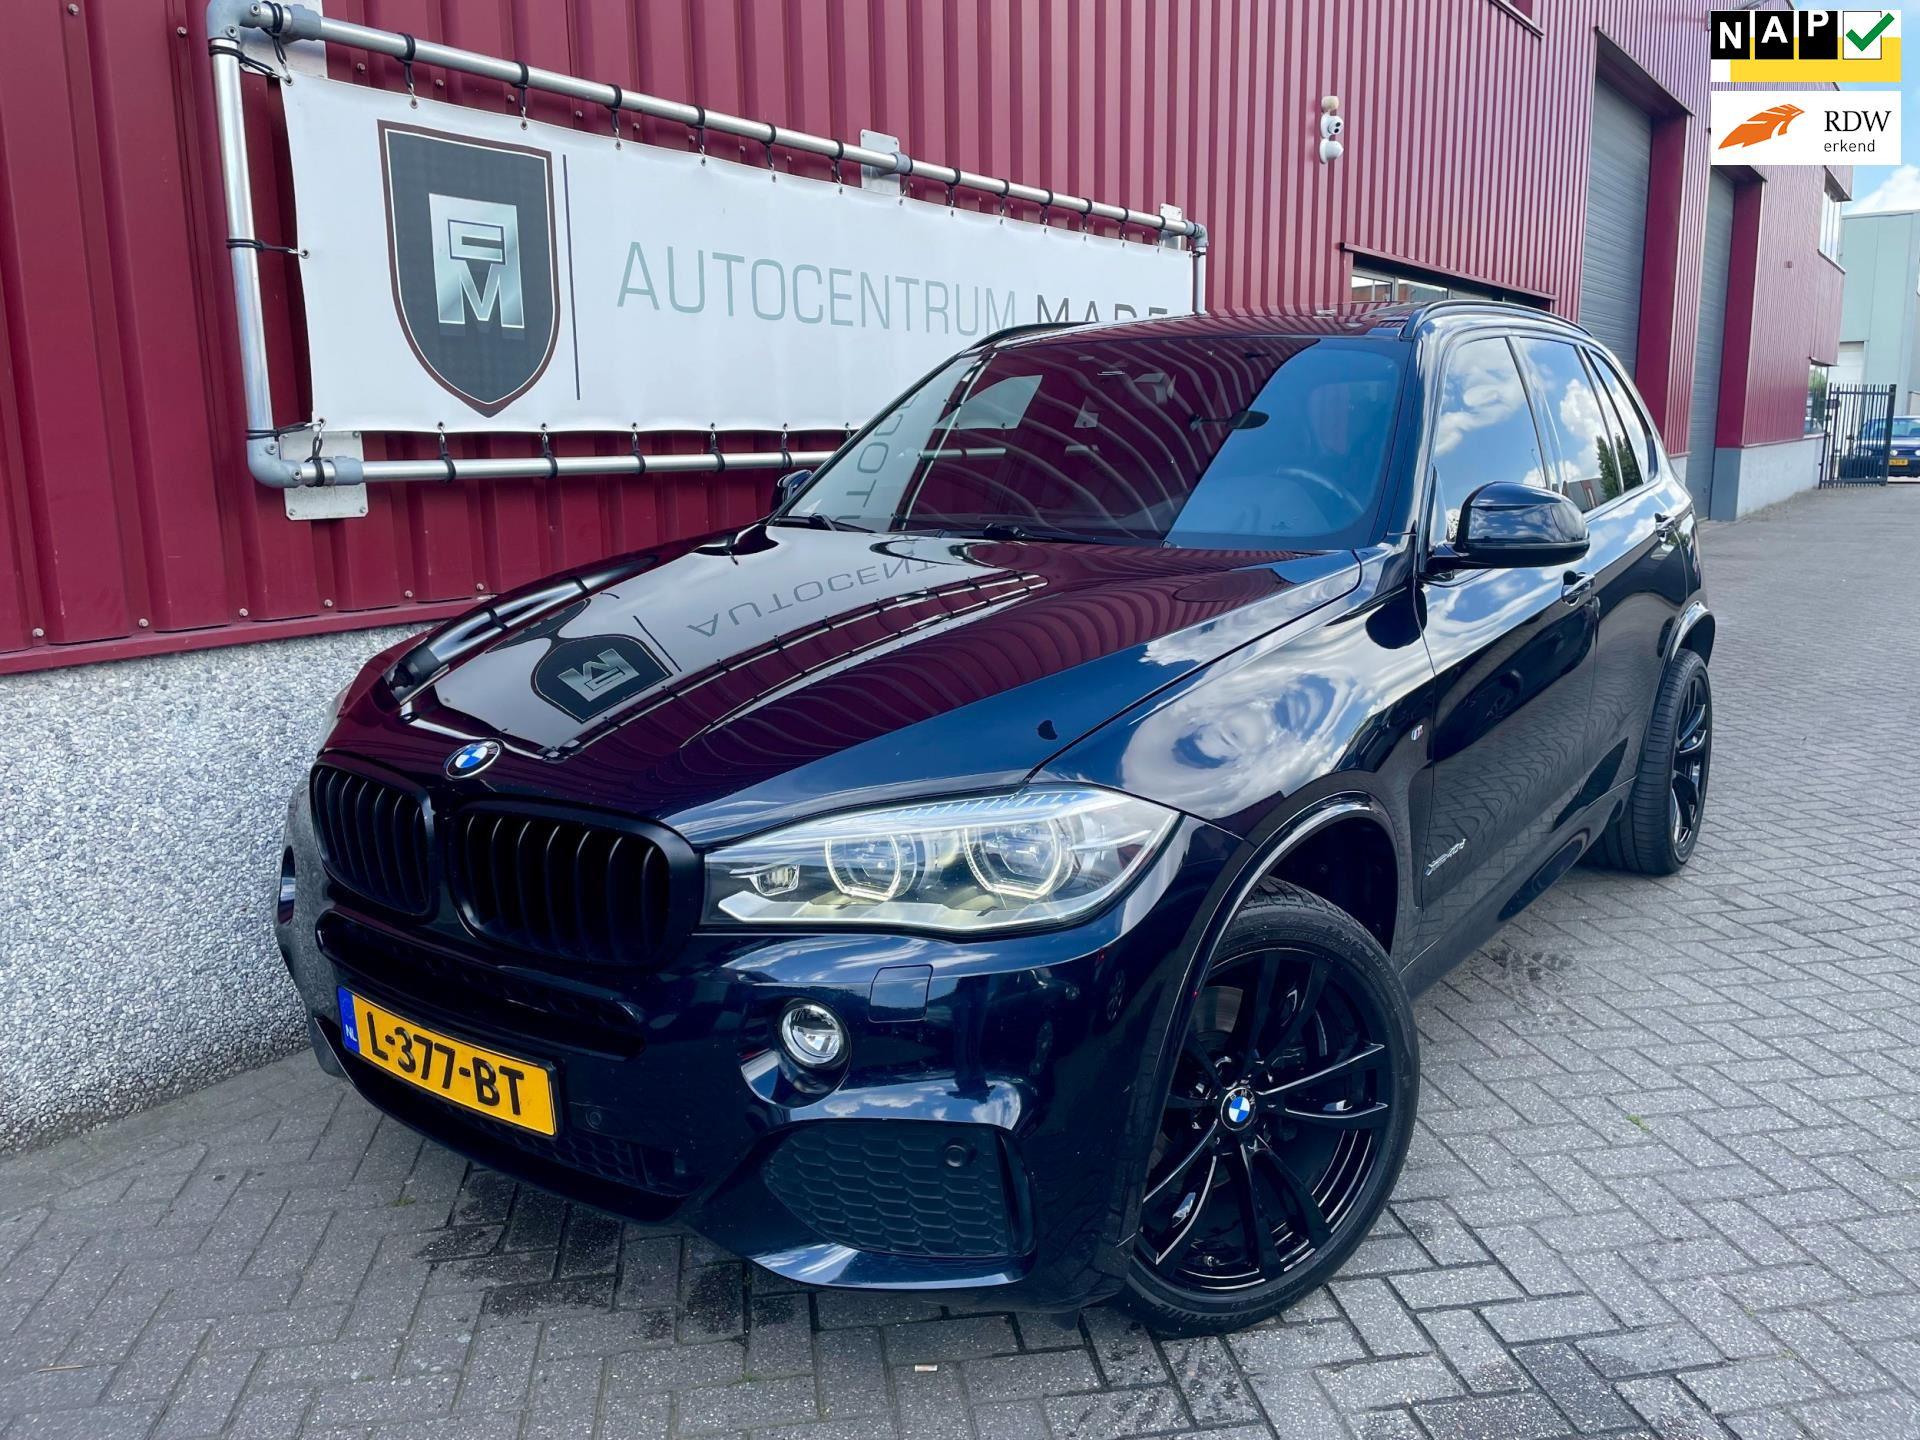 BMW X5 occasion - Auto Centrum Made